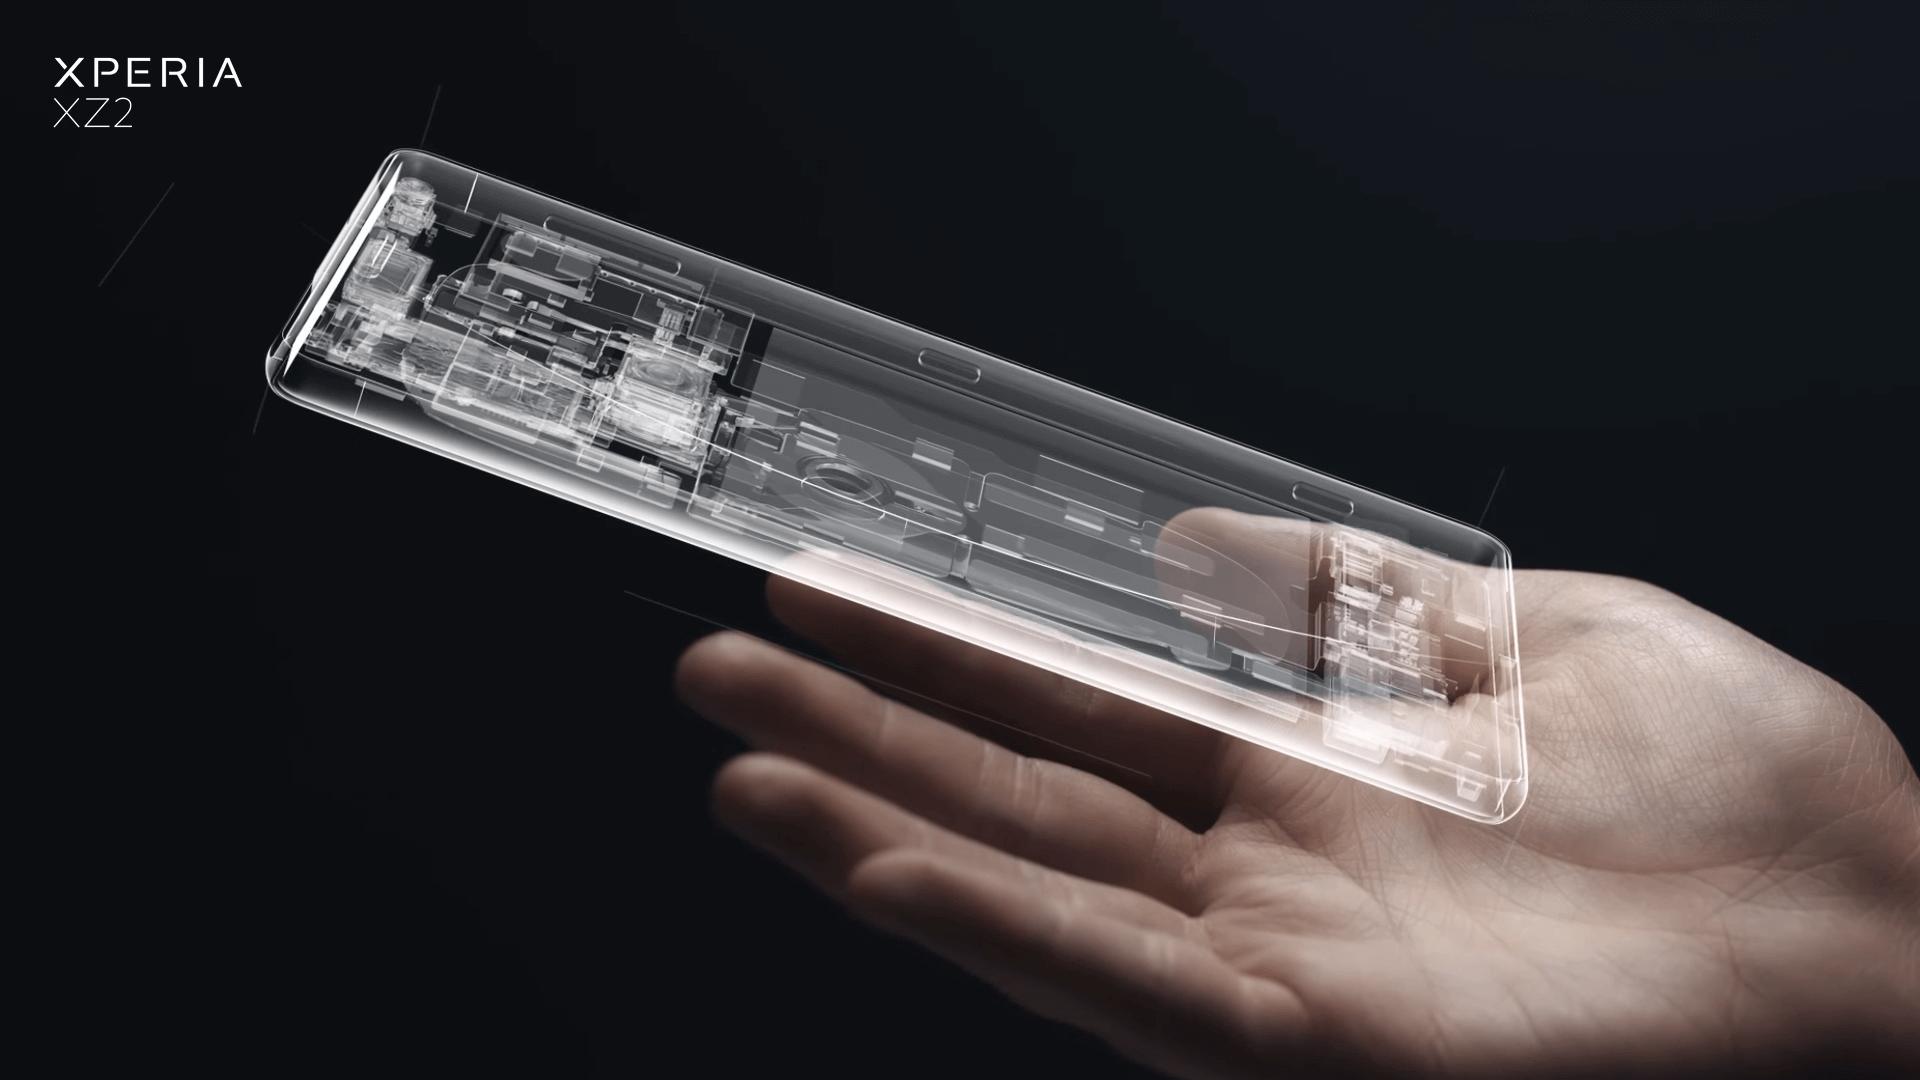 Captura de Tela 61 - REVIEW: Sony Xperia XZ2 e XZ2 Compact, mais que rostinhos bonitos